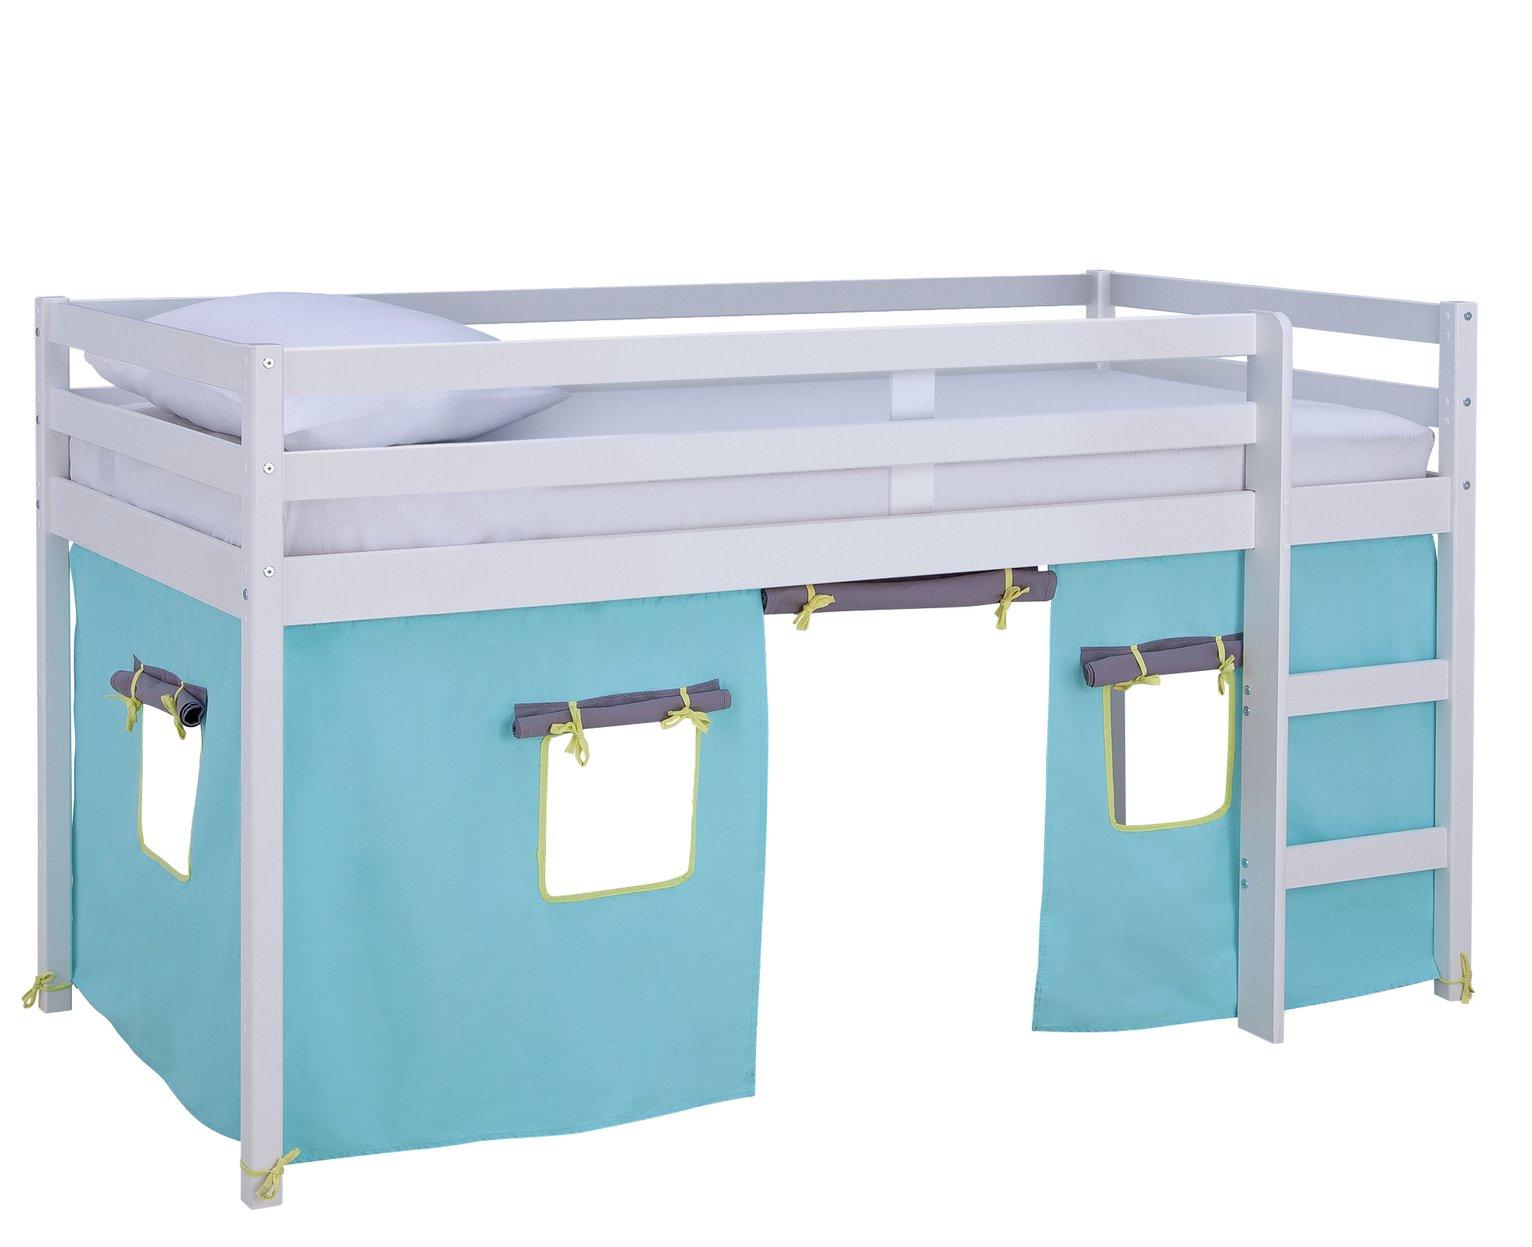 Argos Home Kaycie White Mid Sleeper with Turqoise Tent